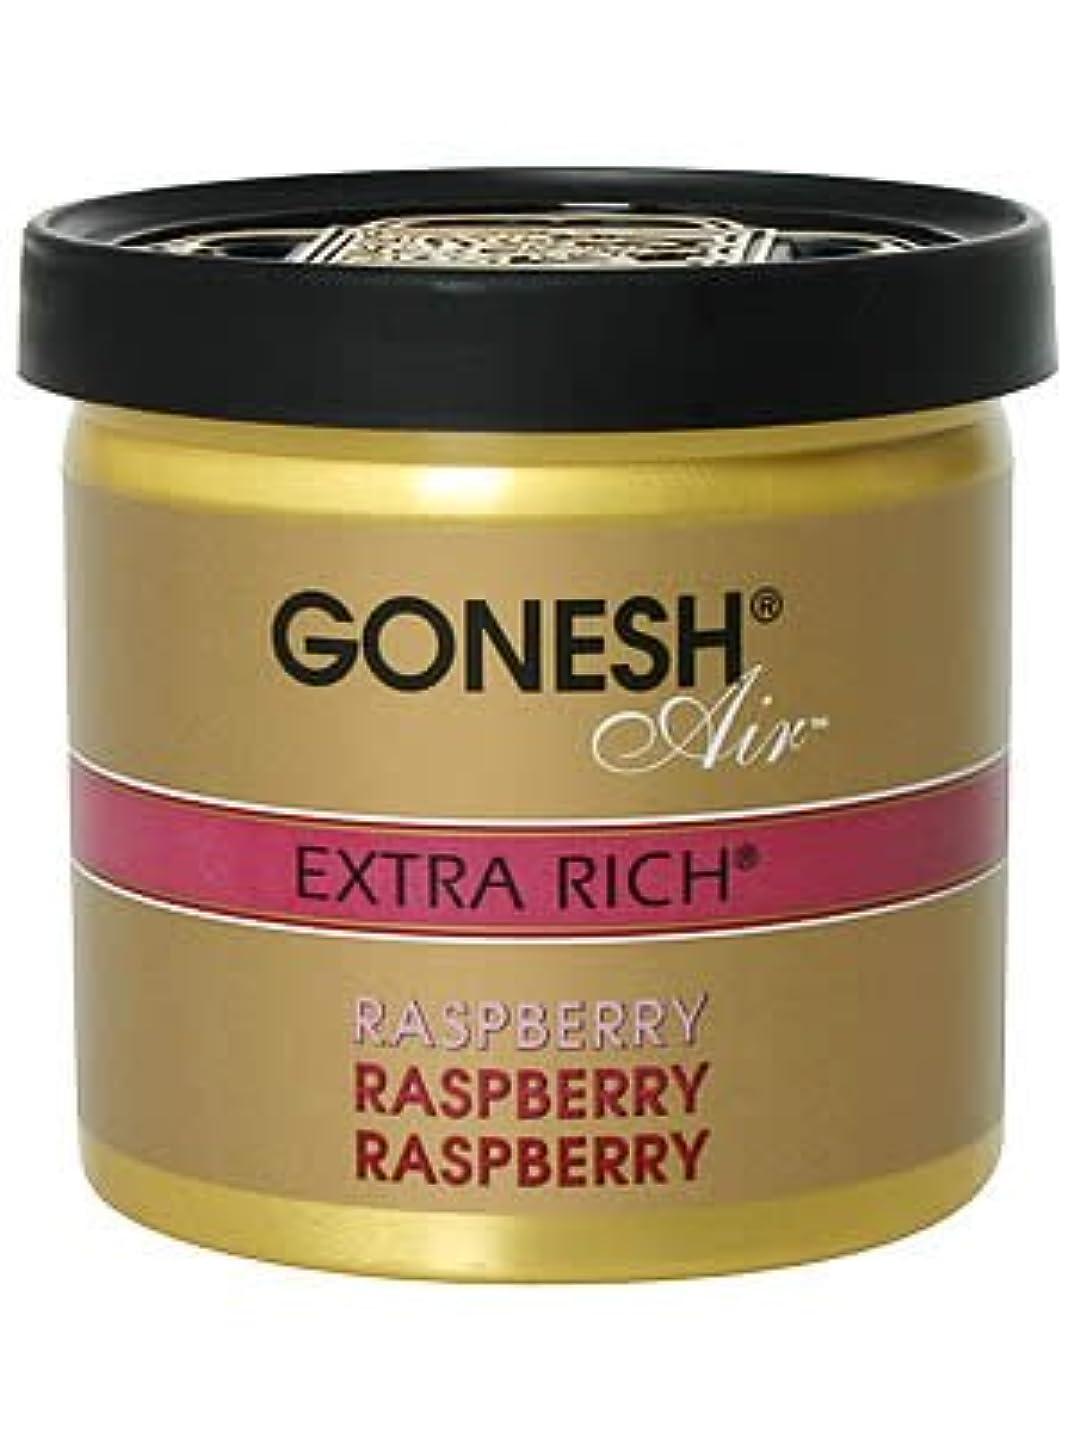 部族ポスター説得力のあるガーネッシュ(GONESH) ゲルエアフレッシュナー ラズベリー 78g